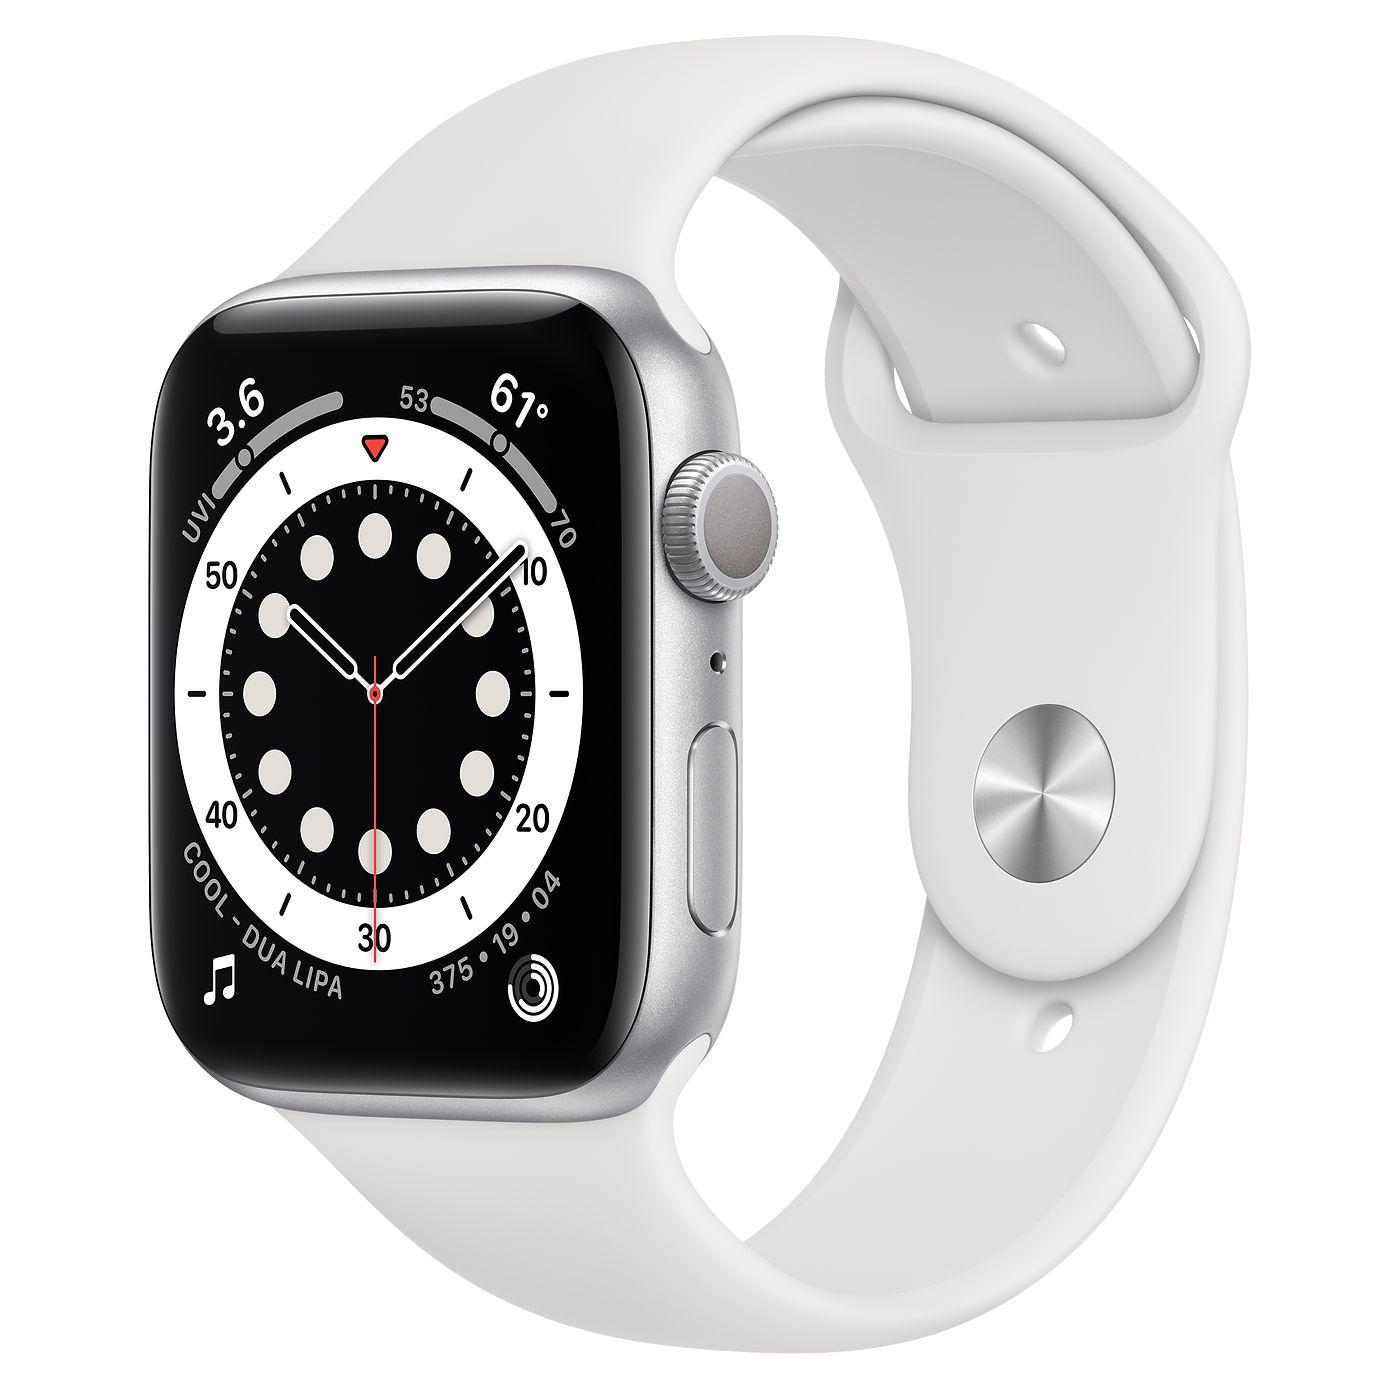 Apple 애플워치 6, GPS, 실버 알루미늄 케이스, 화이트 스포츠 밴드